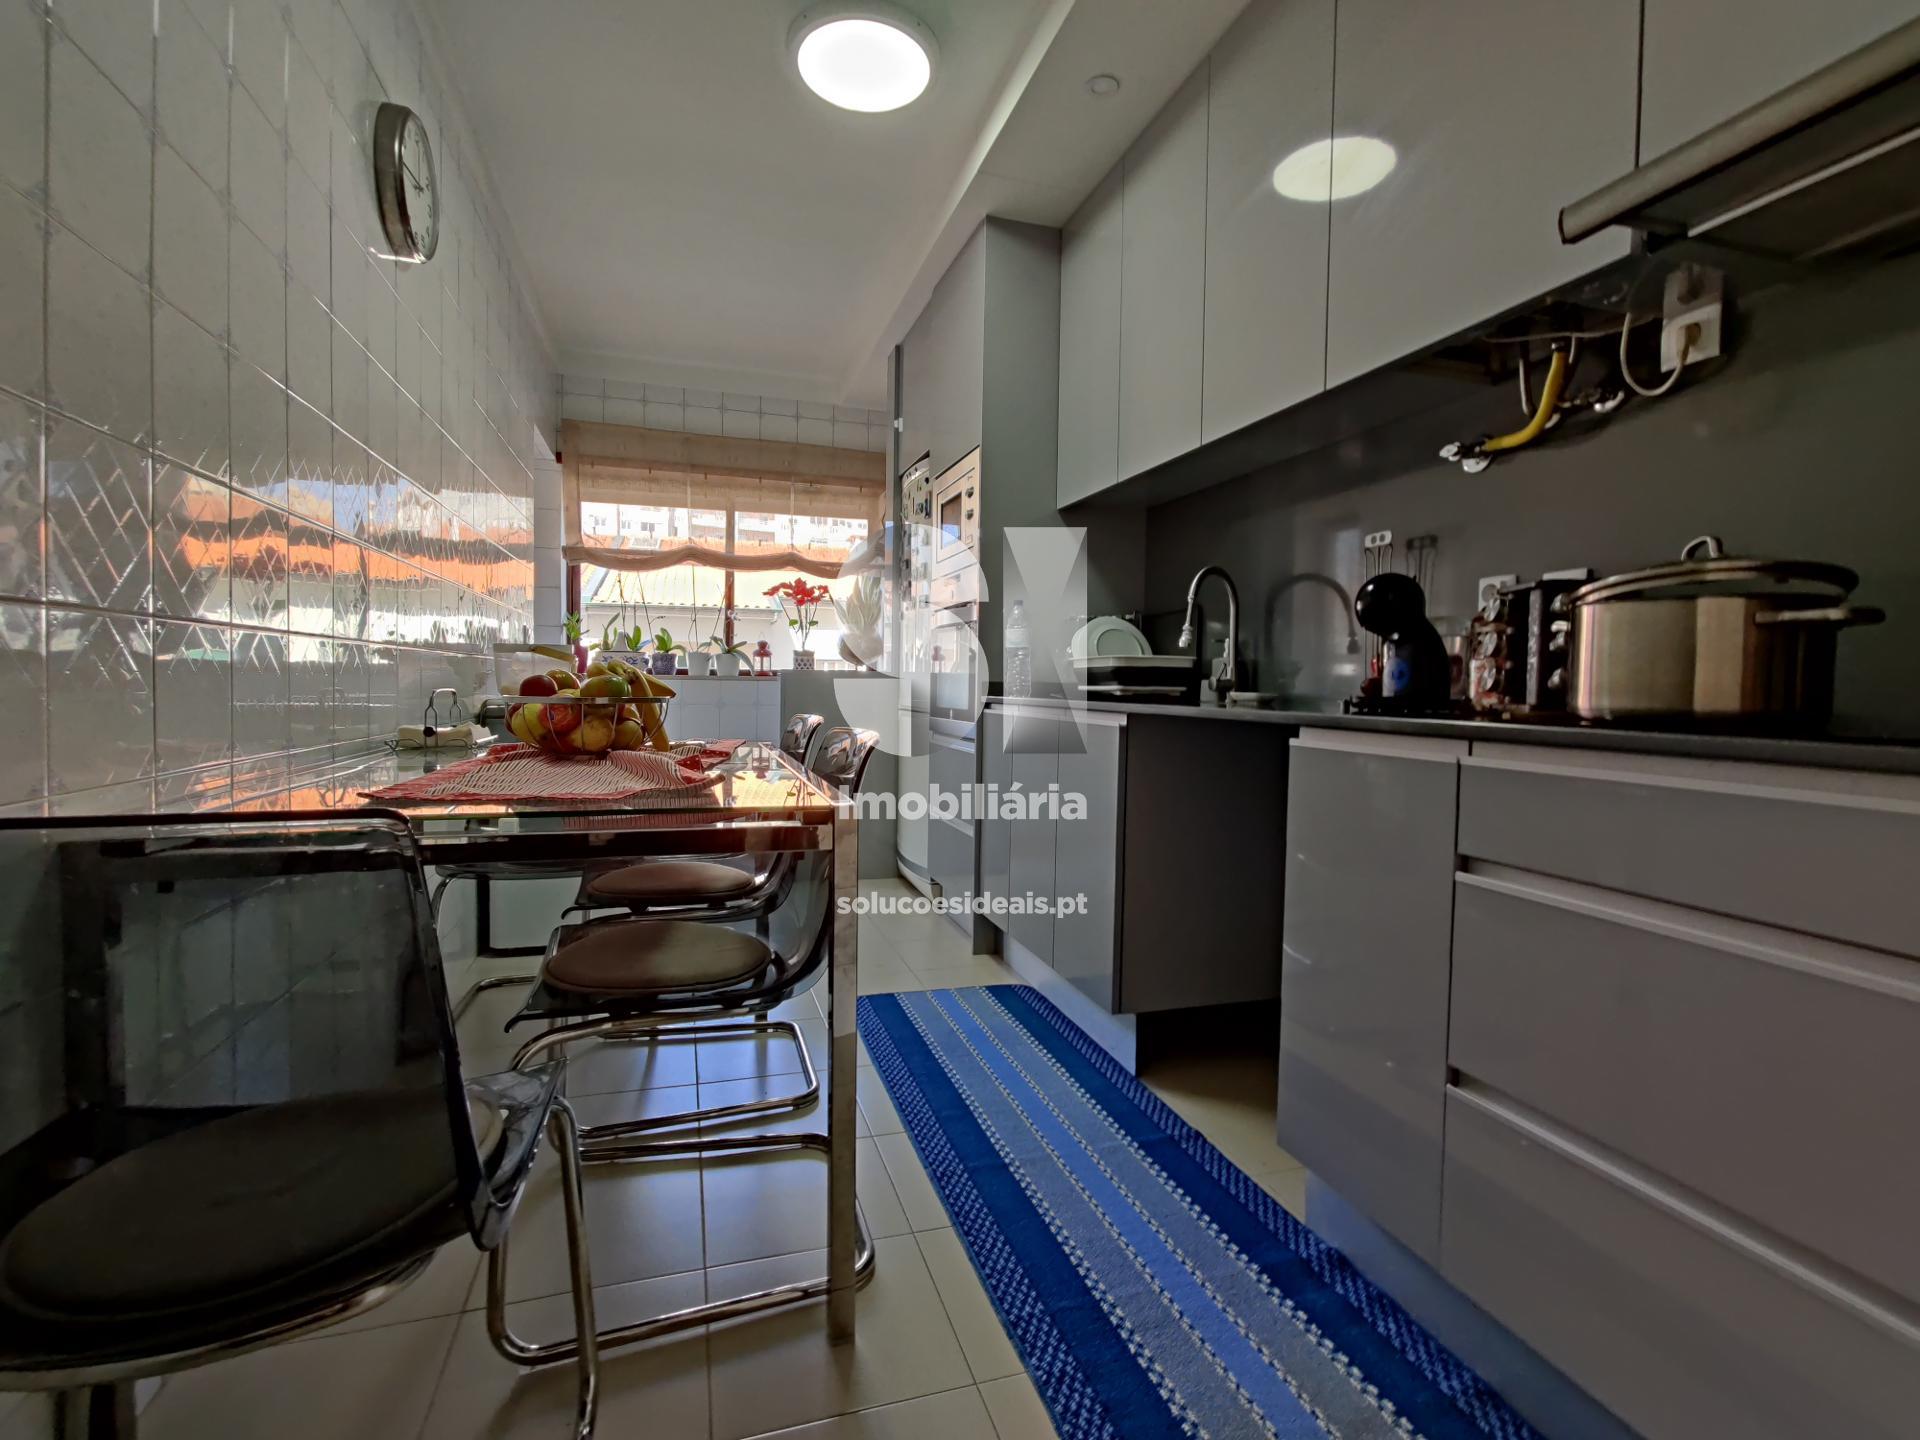 apartamento t2 para compra em braga uniao das freguesias de lomar e arcos BRGFS59